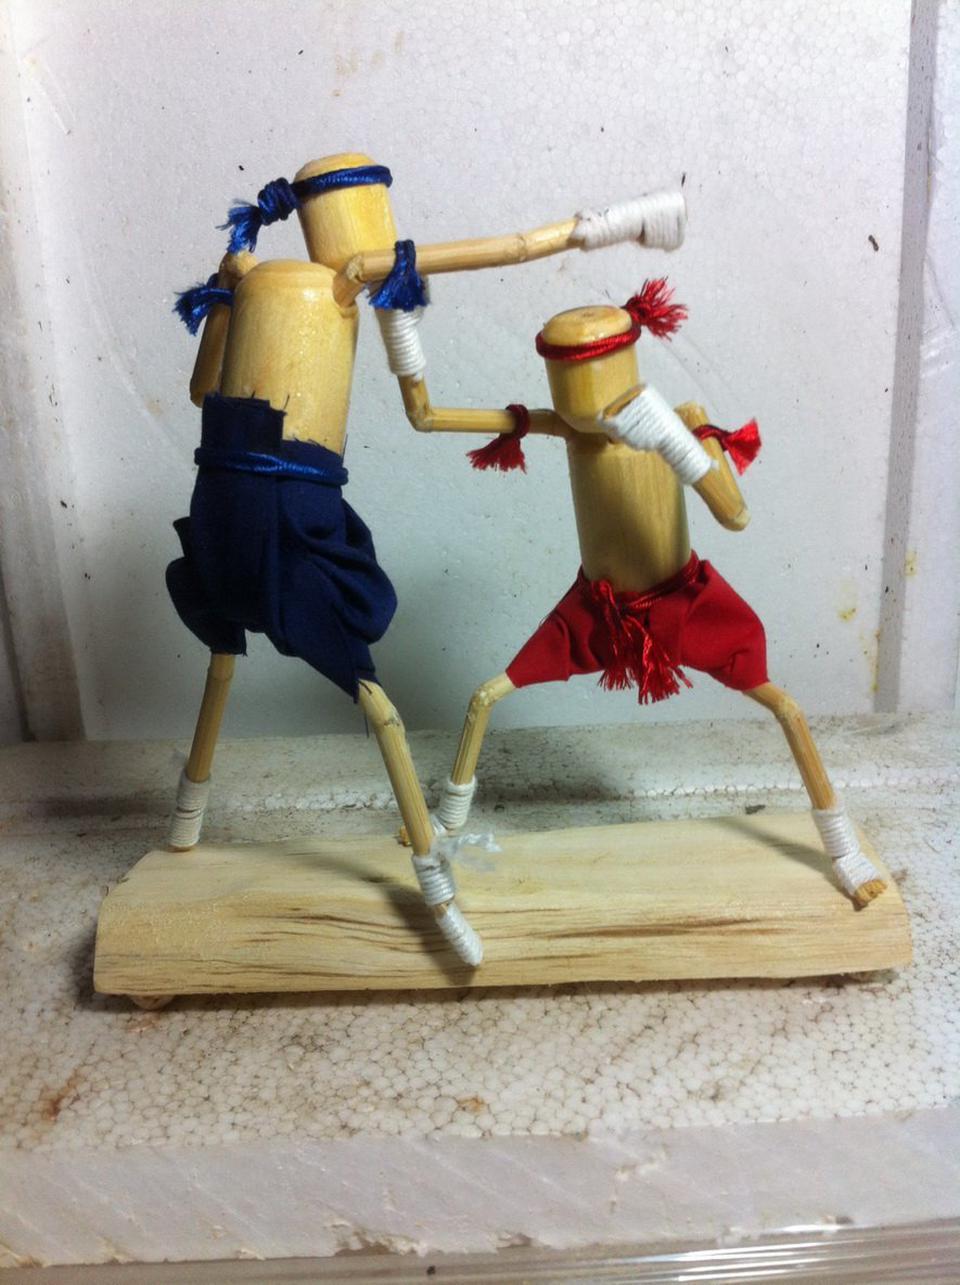 ตุ๊กตาไม้มวยไทย รูปที่ 2